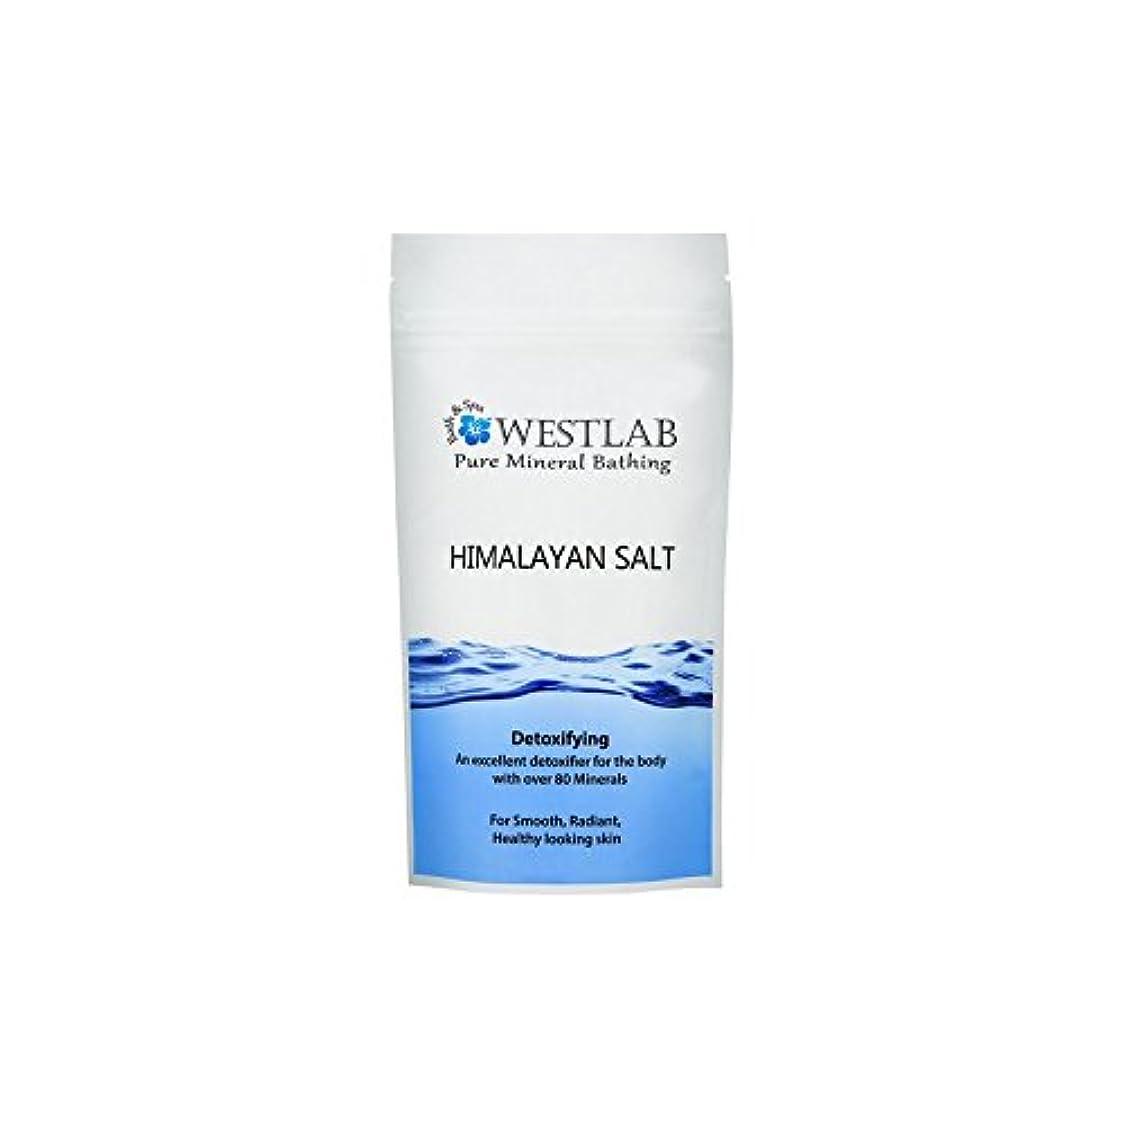 そうでなければレオナルドダ腹ヒマラヤの塩500グラム x2 - Westlab Himalayan Salt 500g (Pack of 2) [並行輸入品]